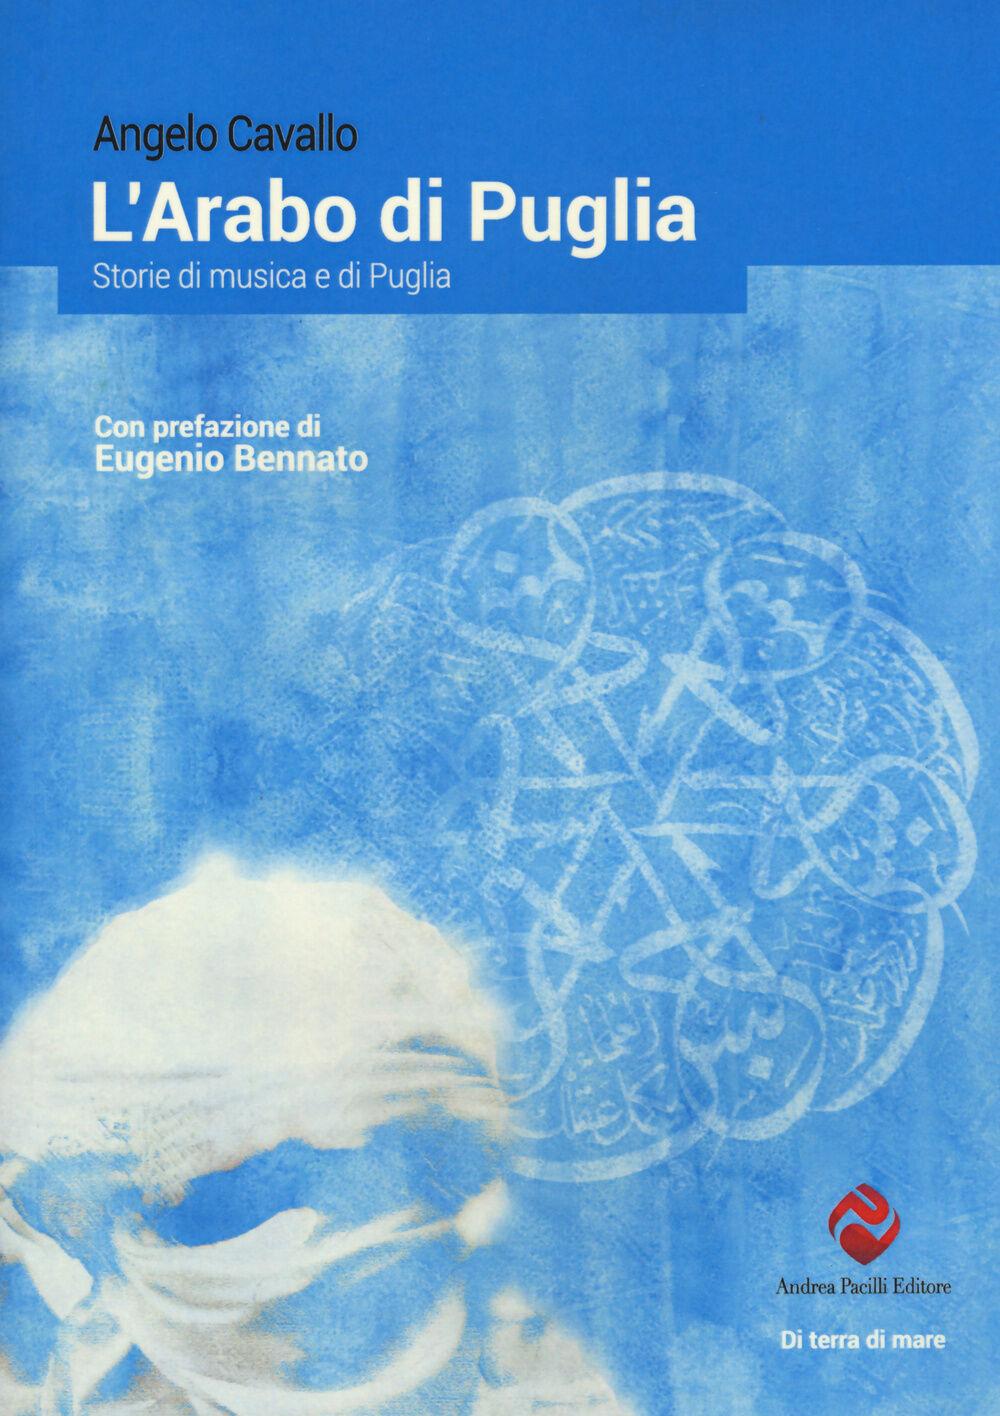 L' arabo di Puglia. Storie di musica e di Puglia